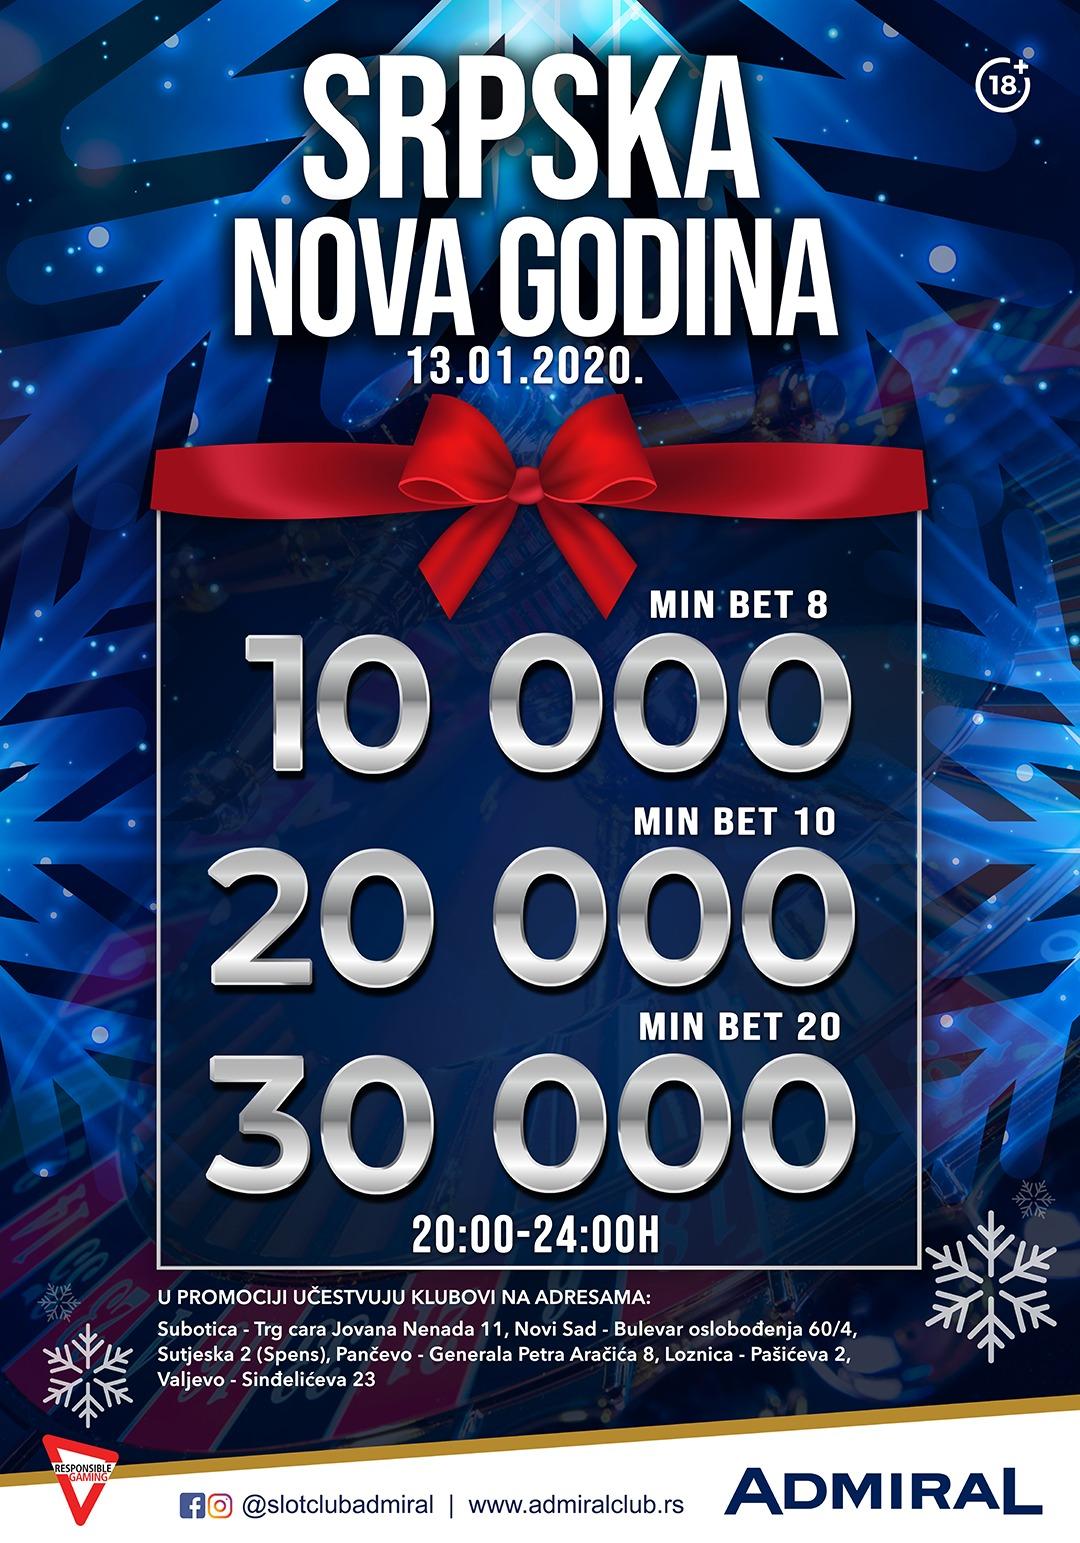 Srpska nova godina 3 – ns bulevar oslobodjenja